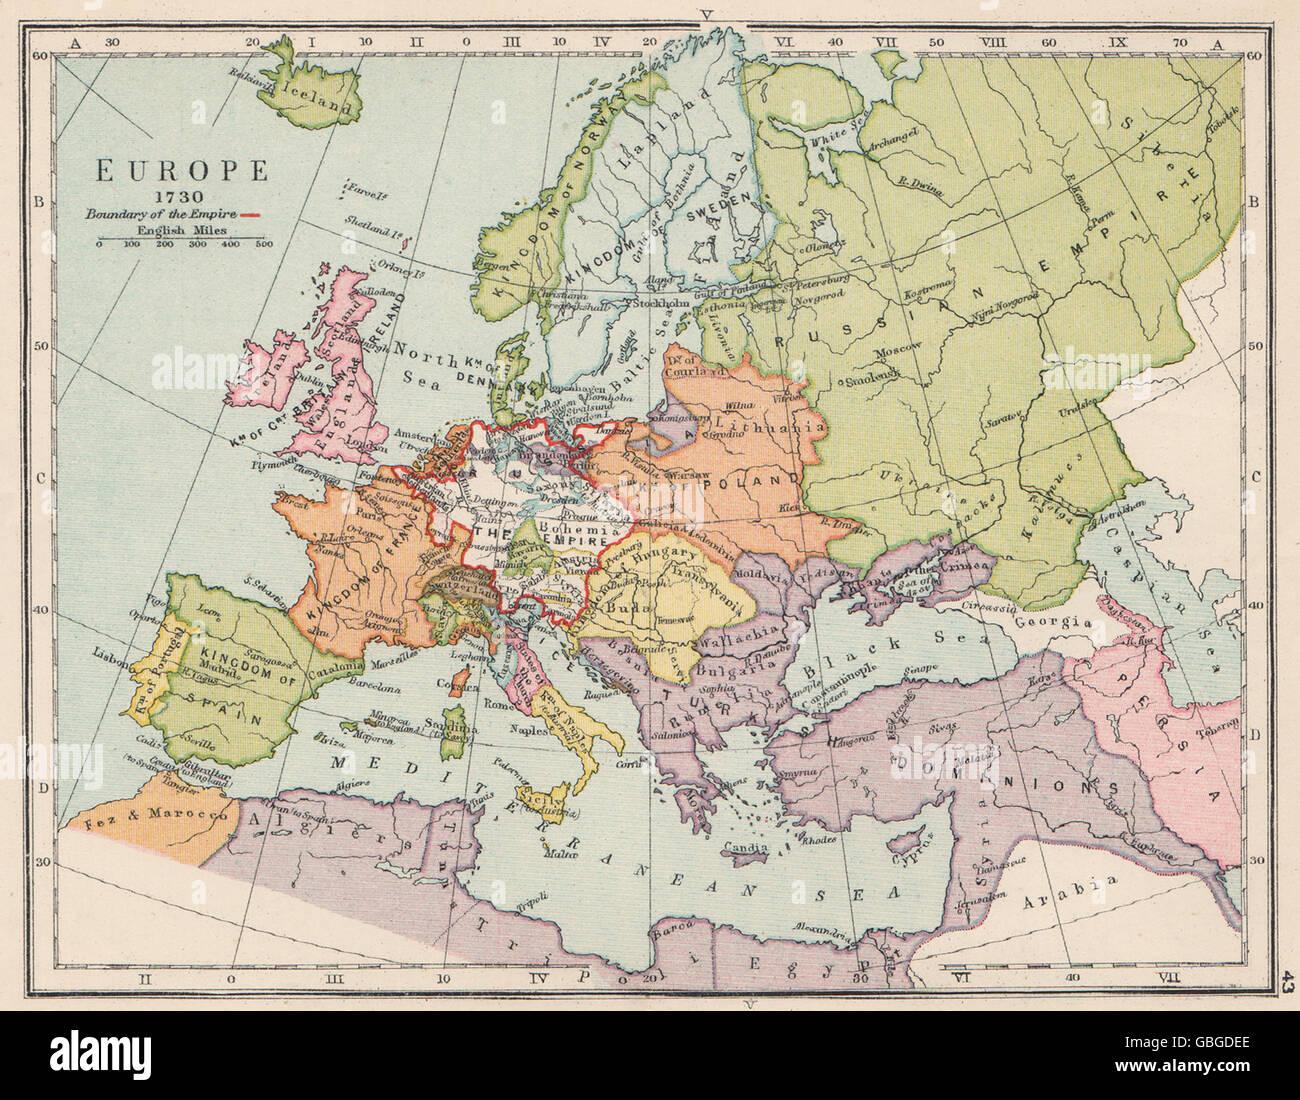 Heiliges Römisches Reich Karte.Europa Im Jahre 1730 Heiliges Römisches Reich Polen Litauen